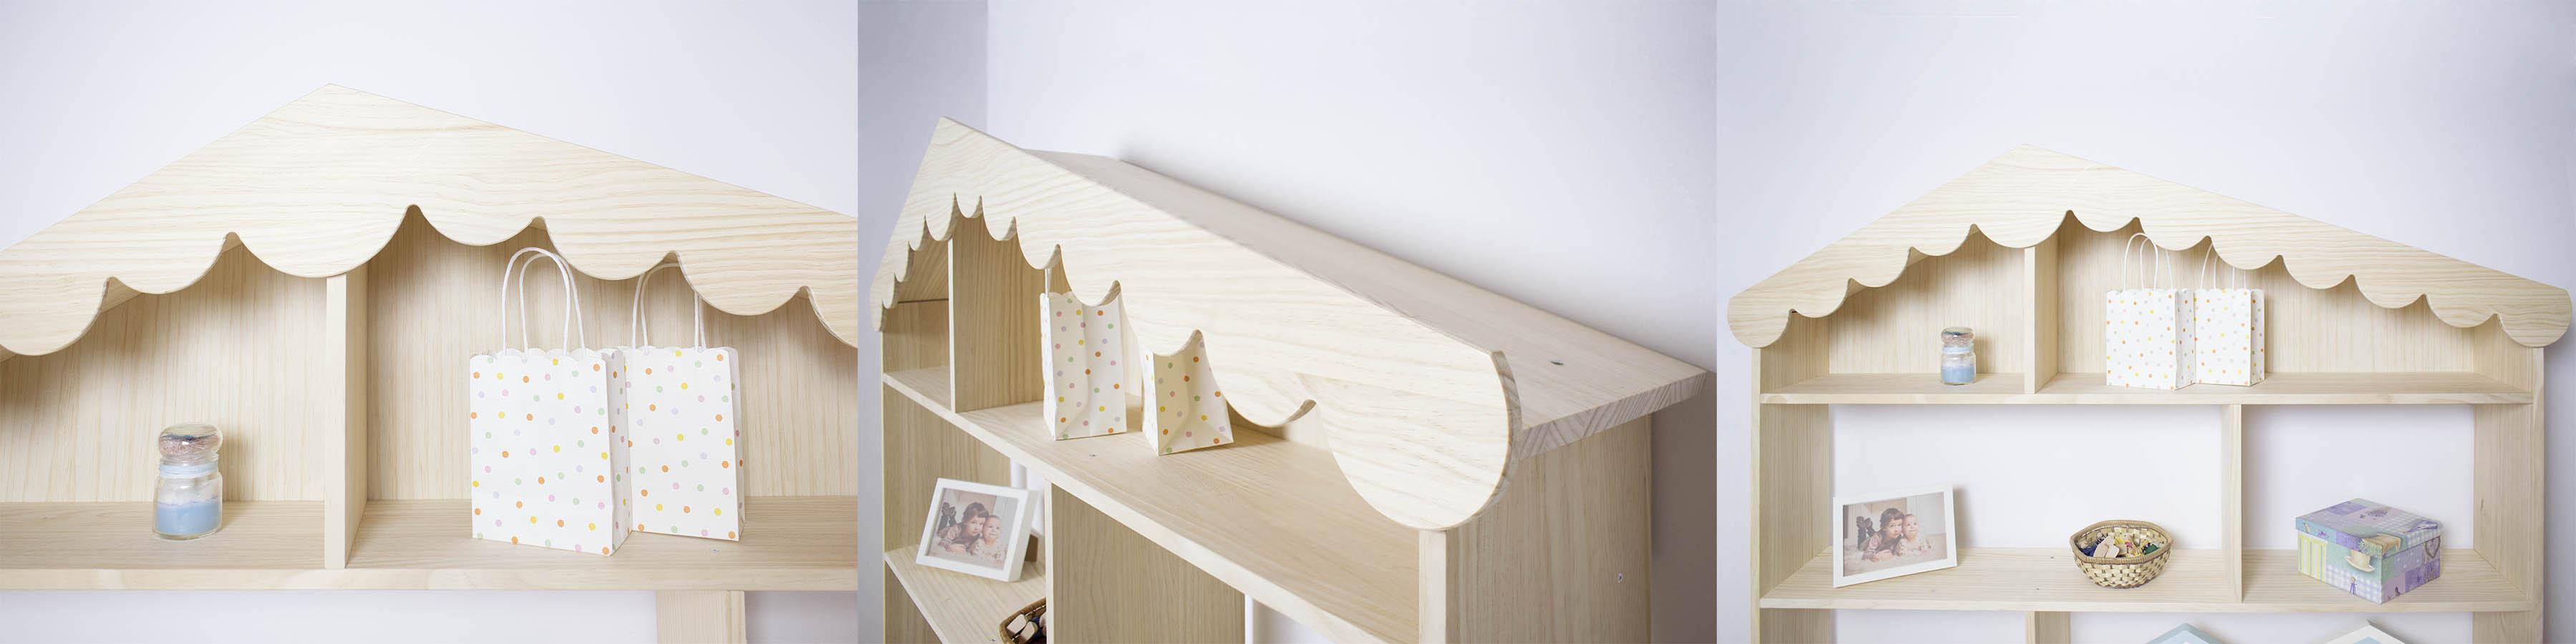 Detalles estantería casita de madera maciza natural.